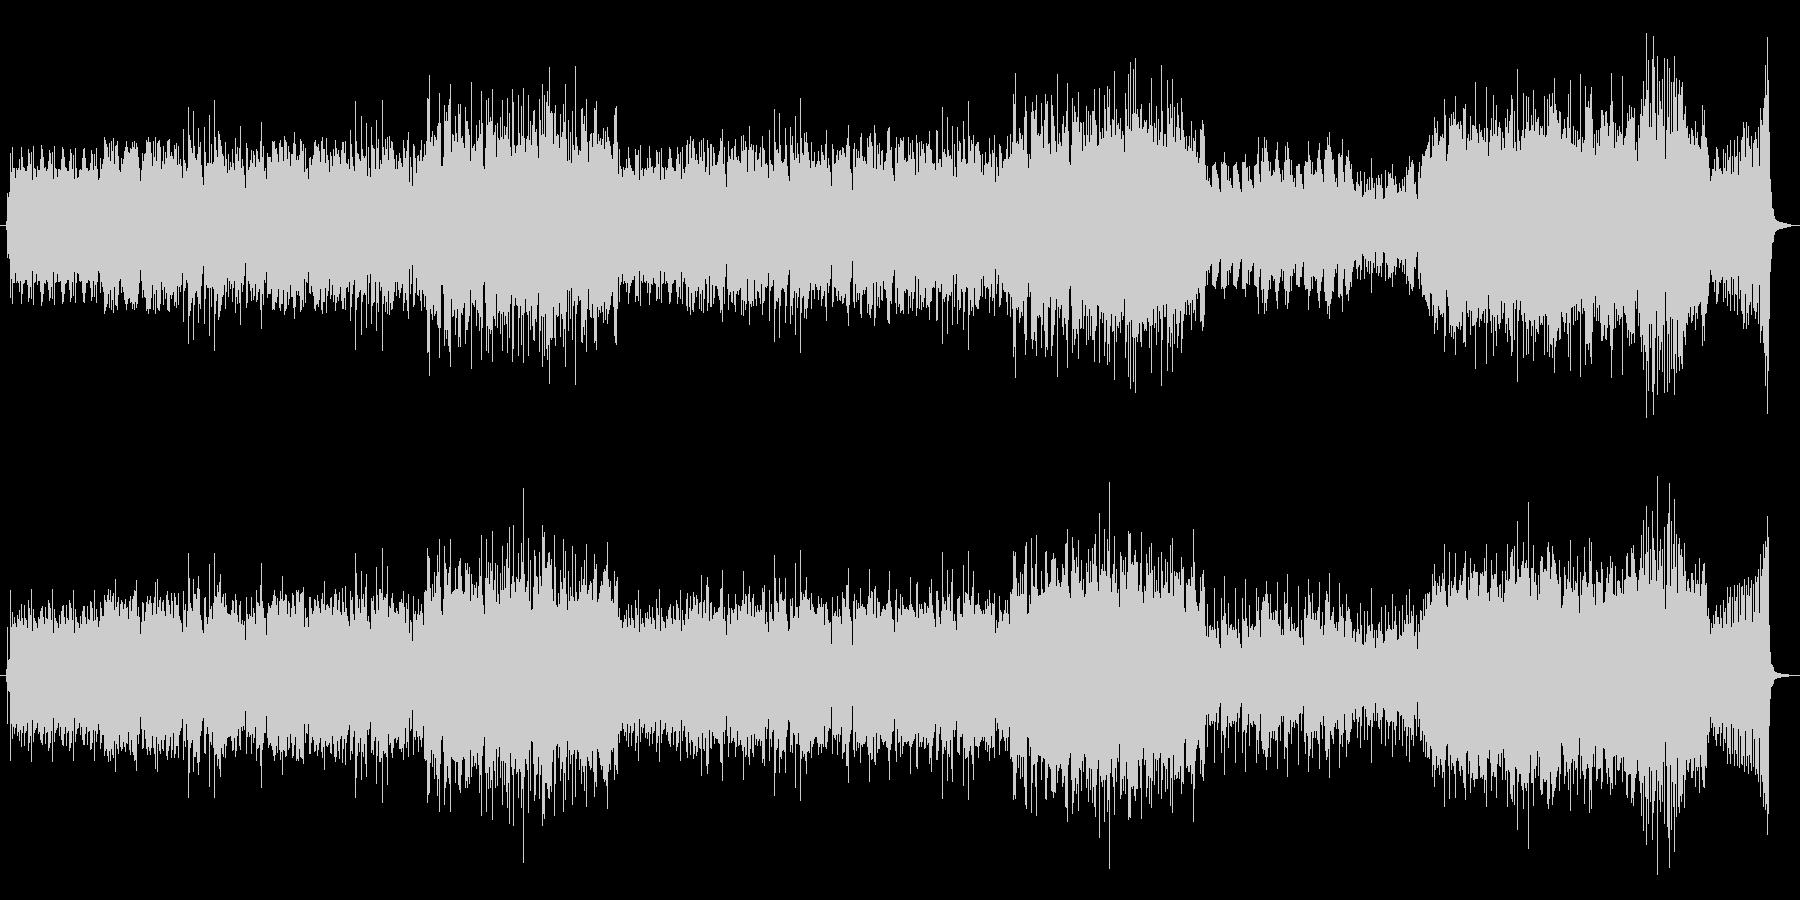 チェロテーマの疾走する3拍子インスト曲の未再生の波形